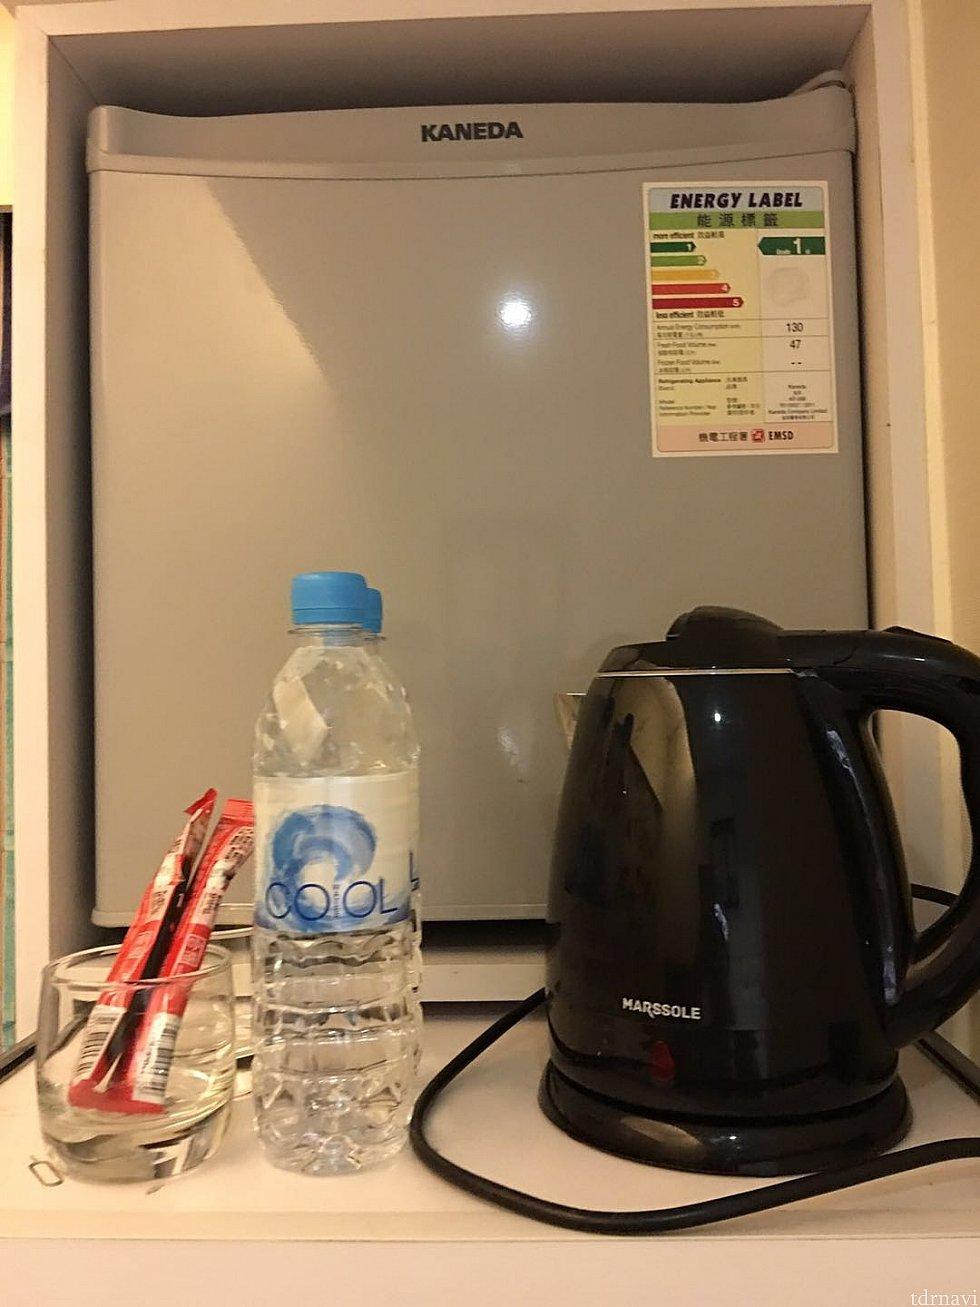 ベッド上部には冷蔵庫と電気ポット、ミネラルウォーター、インスタントコーヒーがあります。